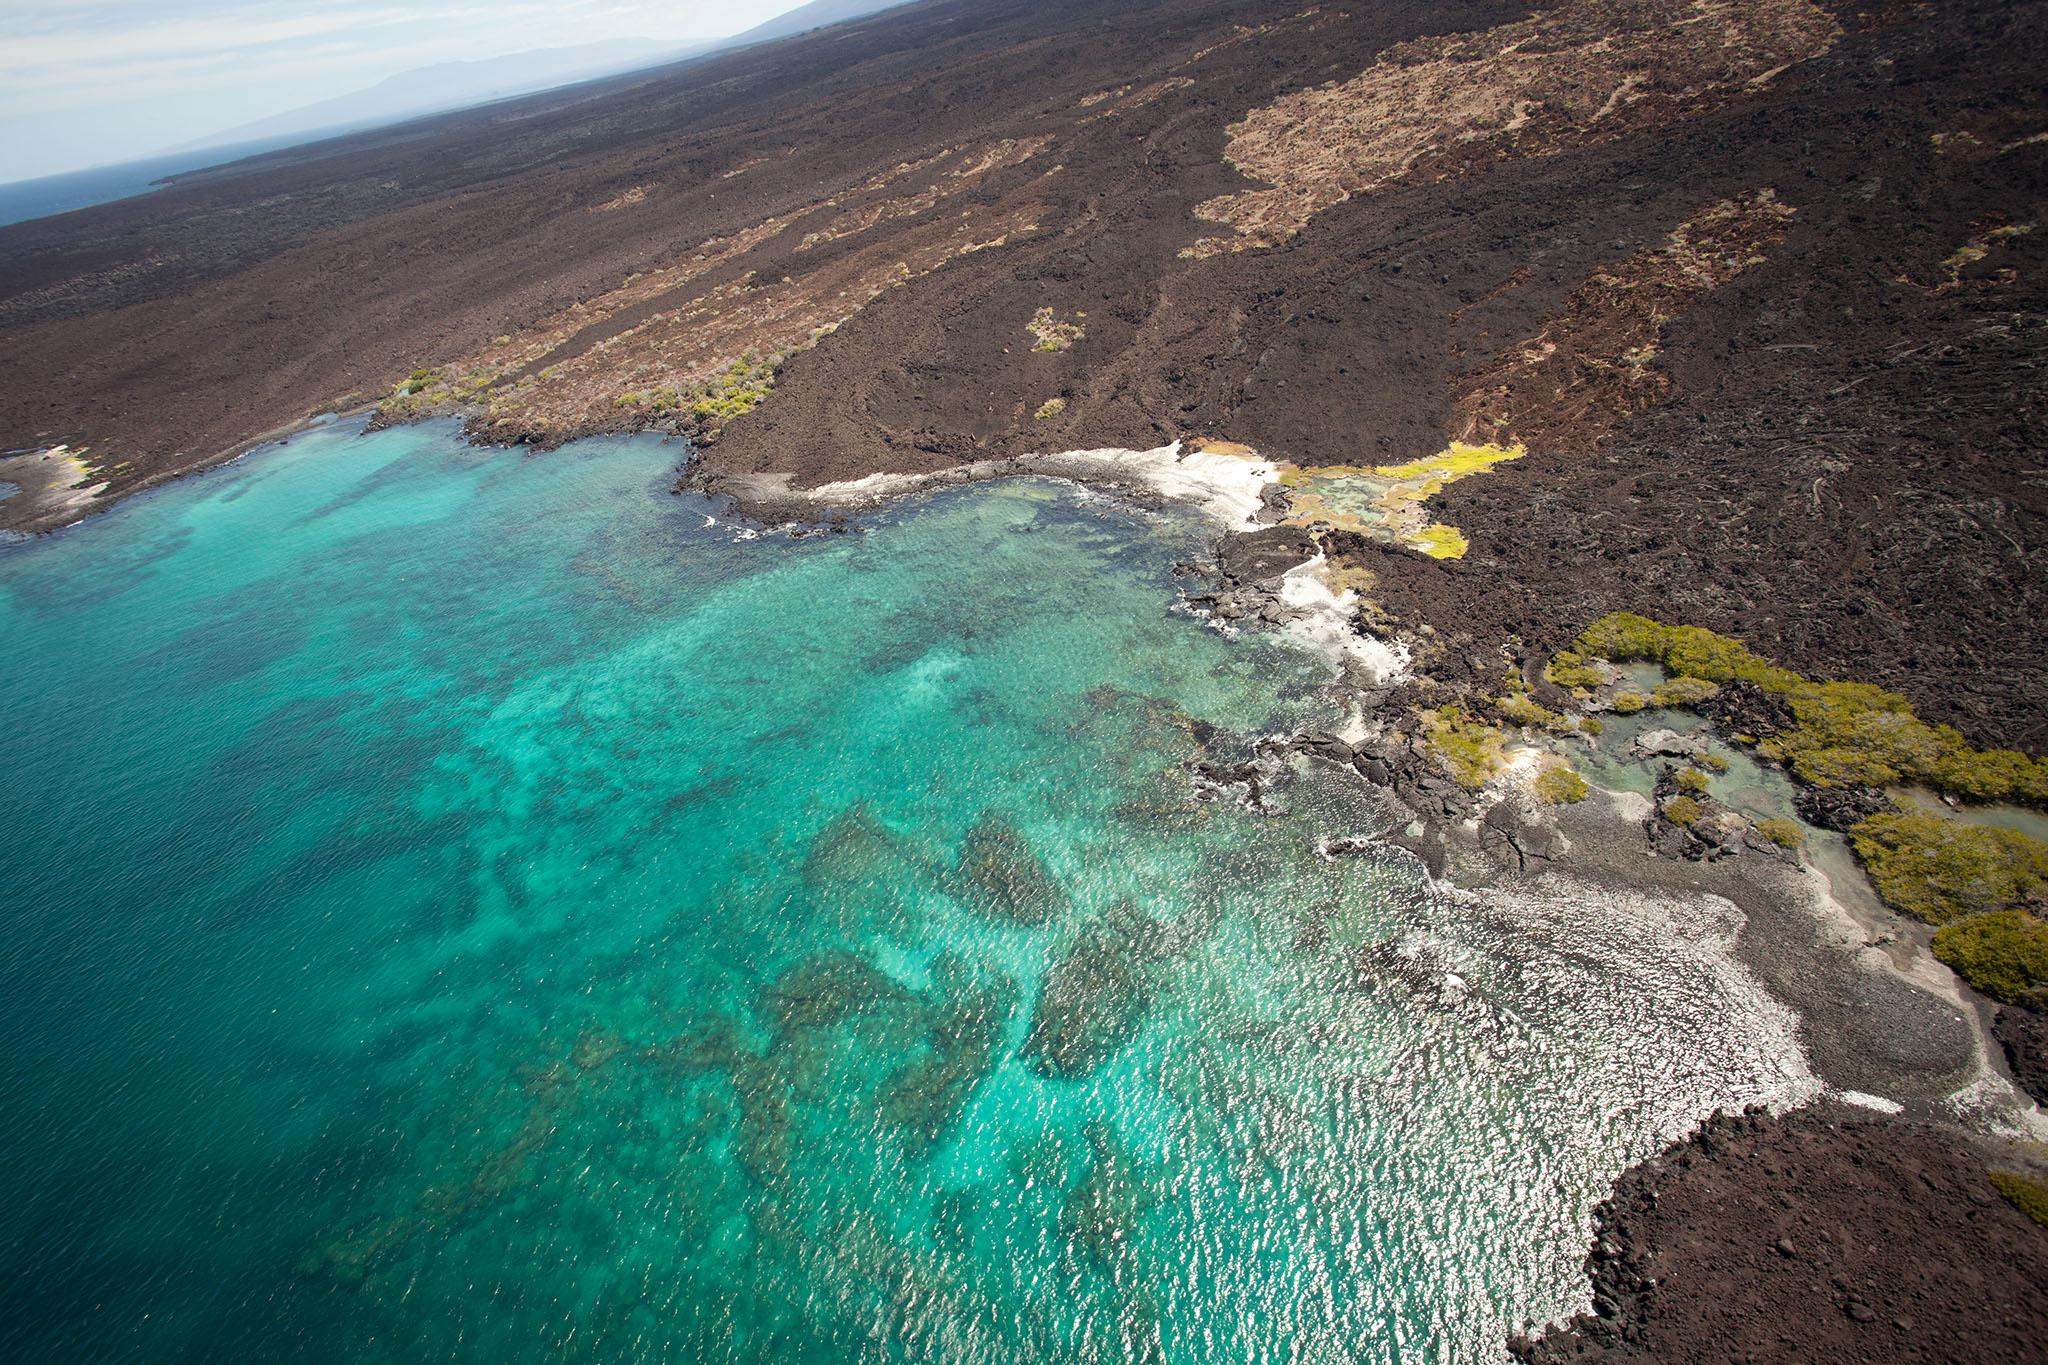 023-TW-Galapagos-121118.jpg